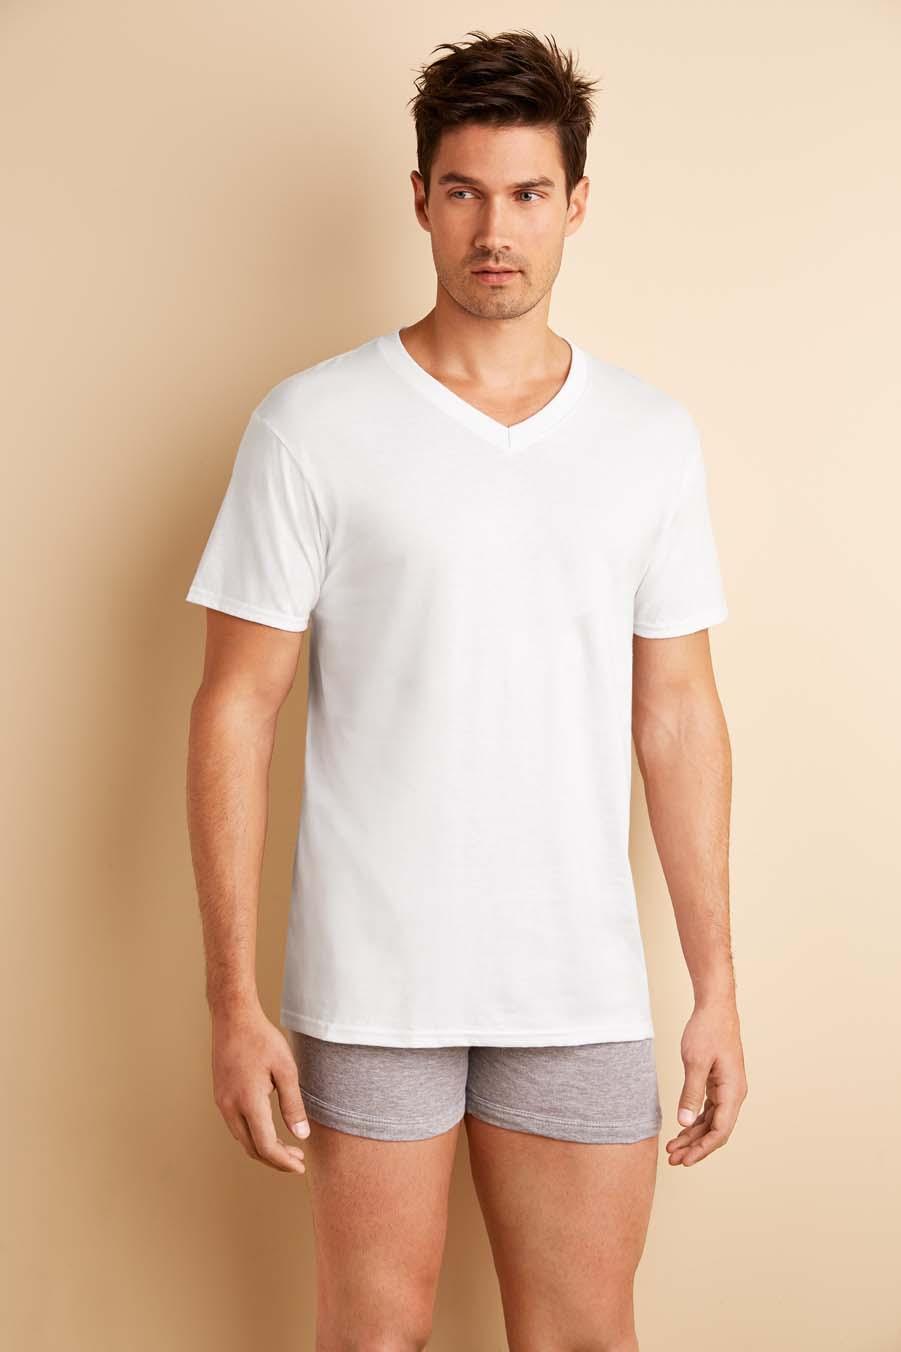 Gildan UW T-shirt V-neck 4-pack